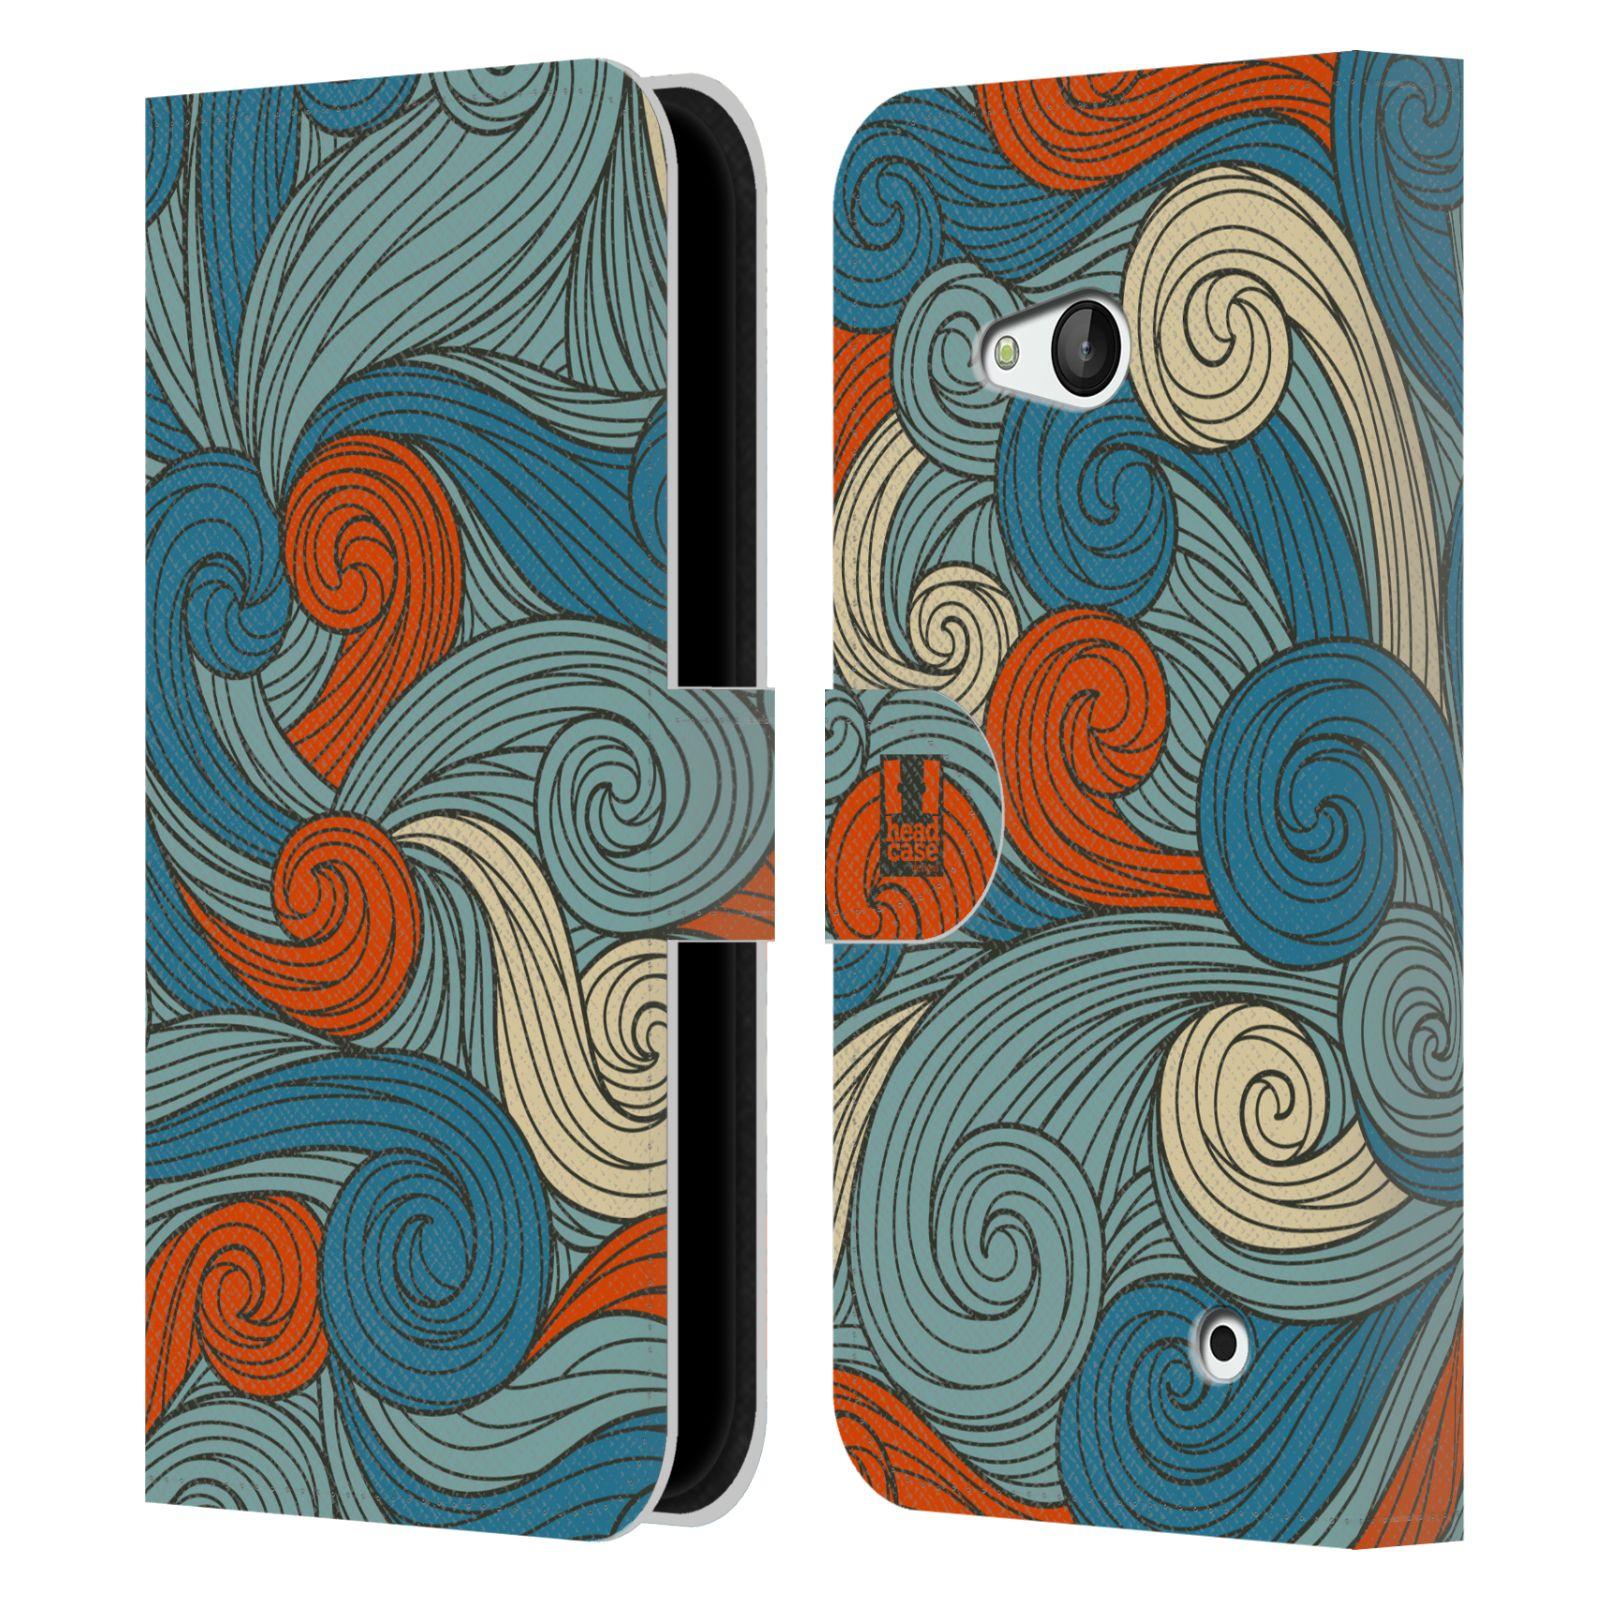 HEAD CASE Flipové pouzdro pro mobil NOKIA / MICROSOFT LUMIA 640 / LUMIA 640 DUAL barevné vlny oranžová a modrá